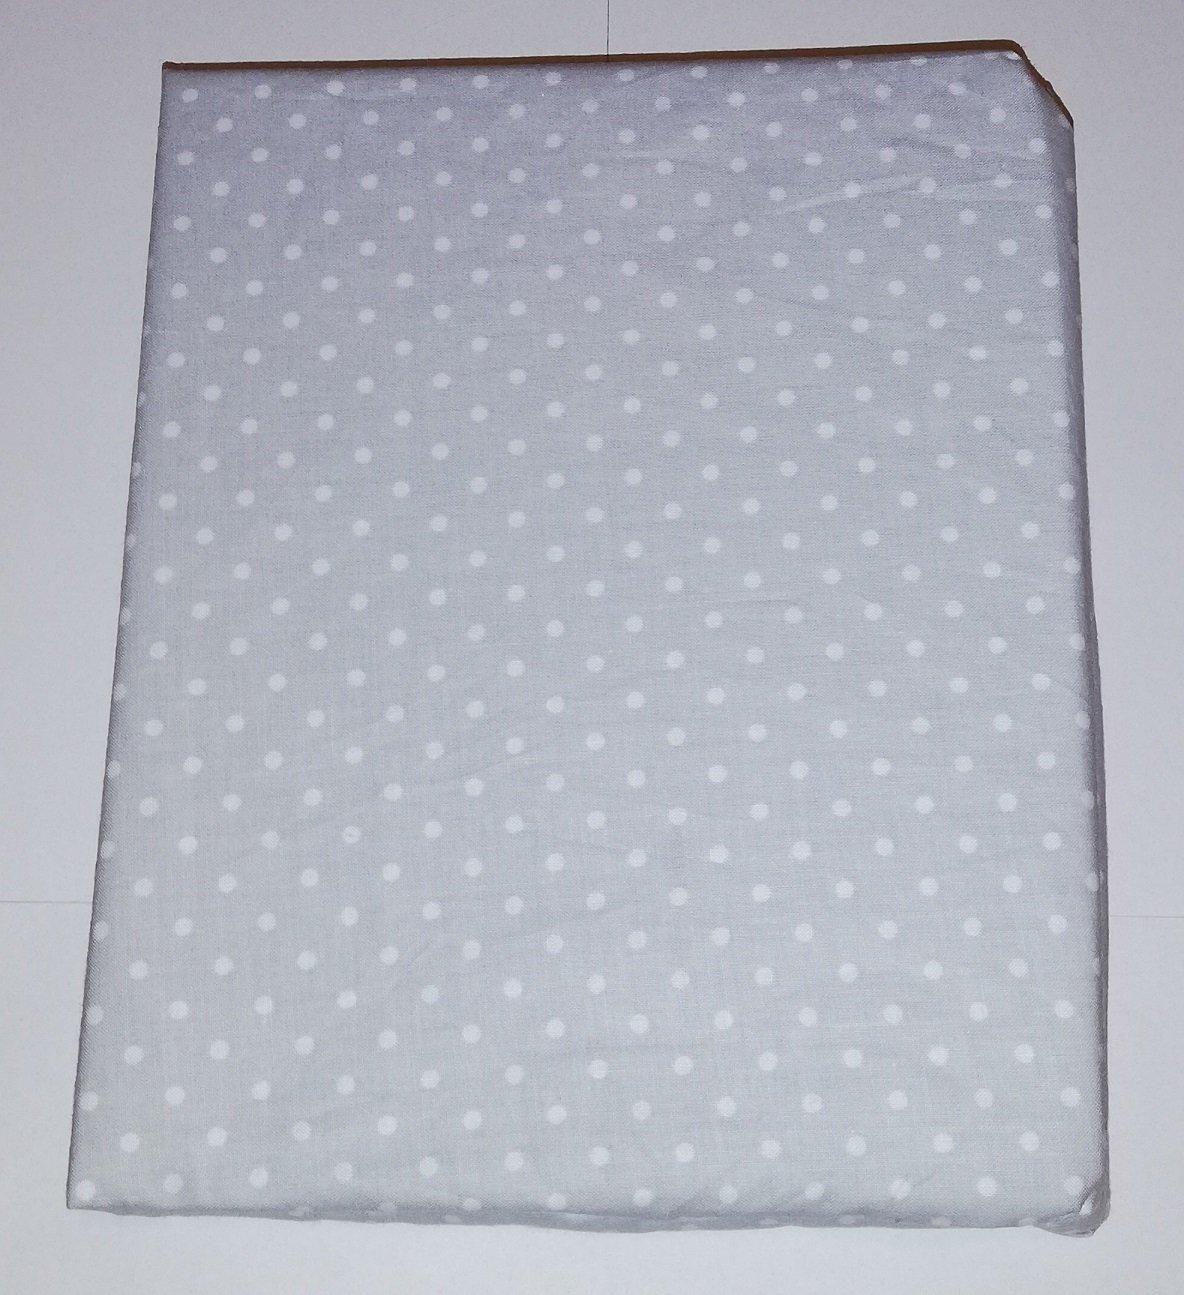 Bavln�n� prost�radlo 120x60 cm �ed� s b�l�mi v�t��mi punt�ky - zv��i� obr�zok